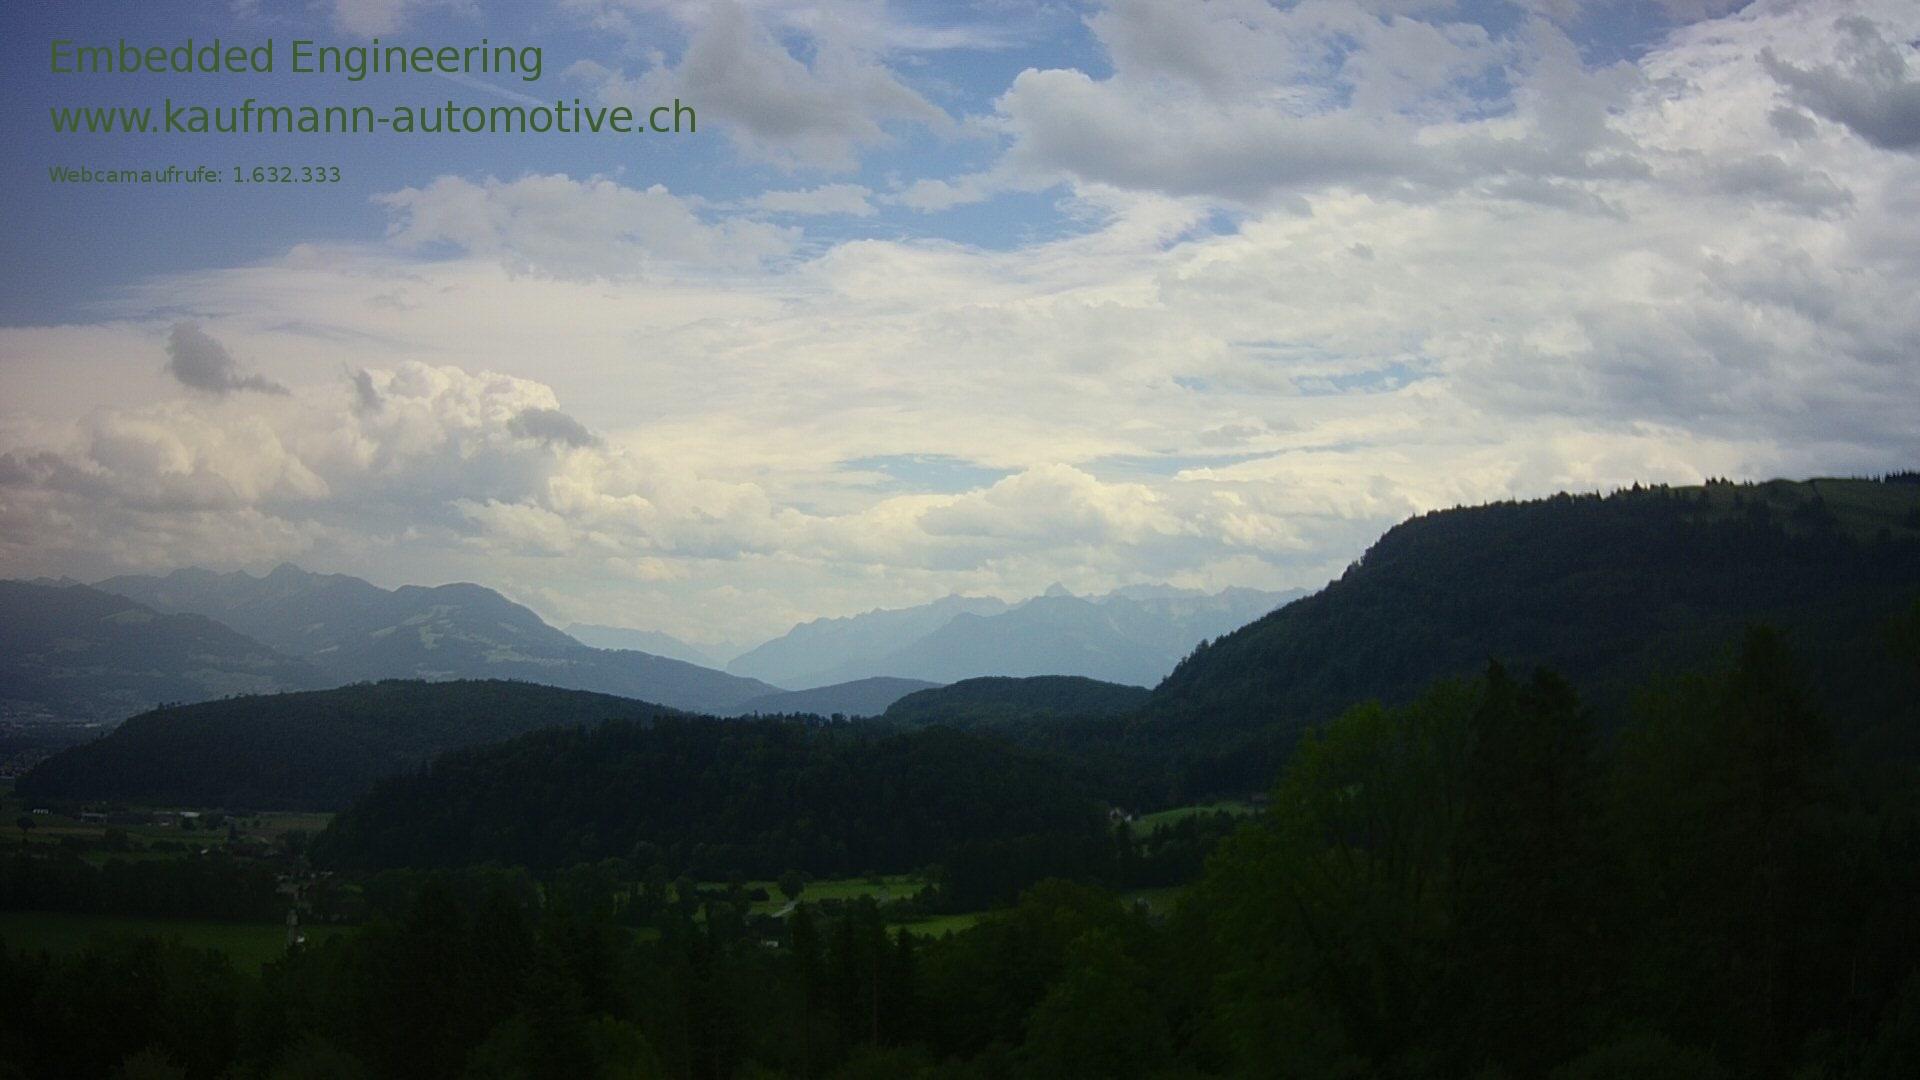 Eichberg Thu. 03:20